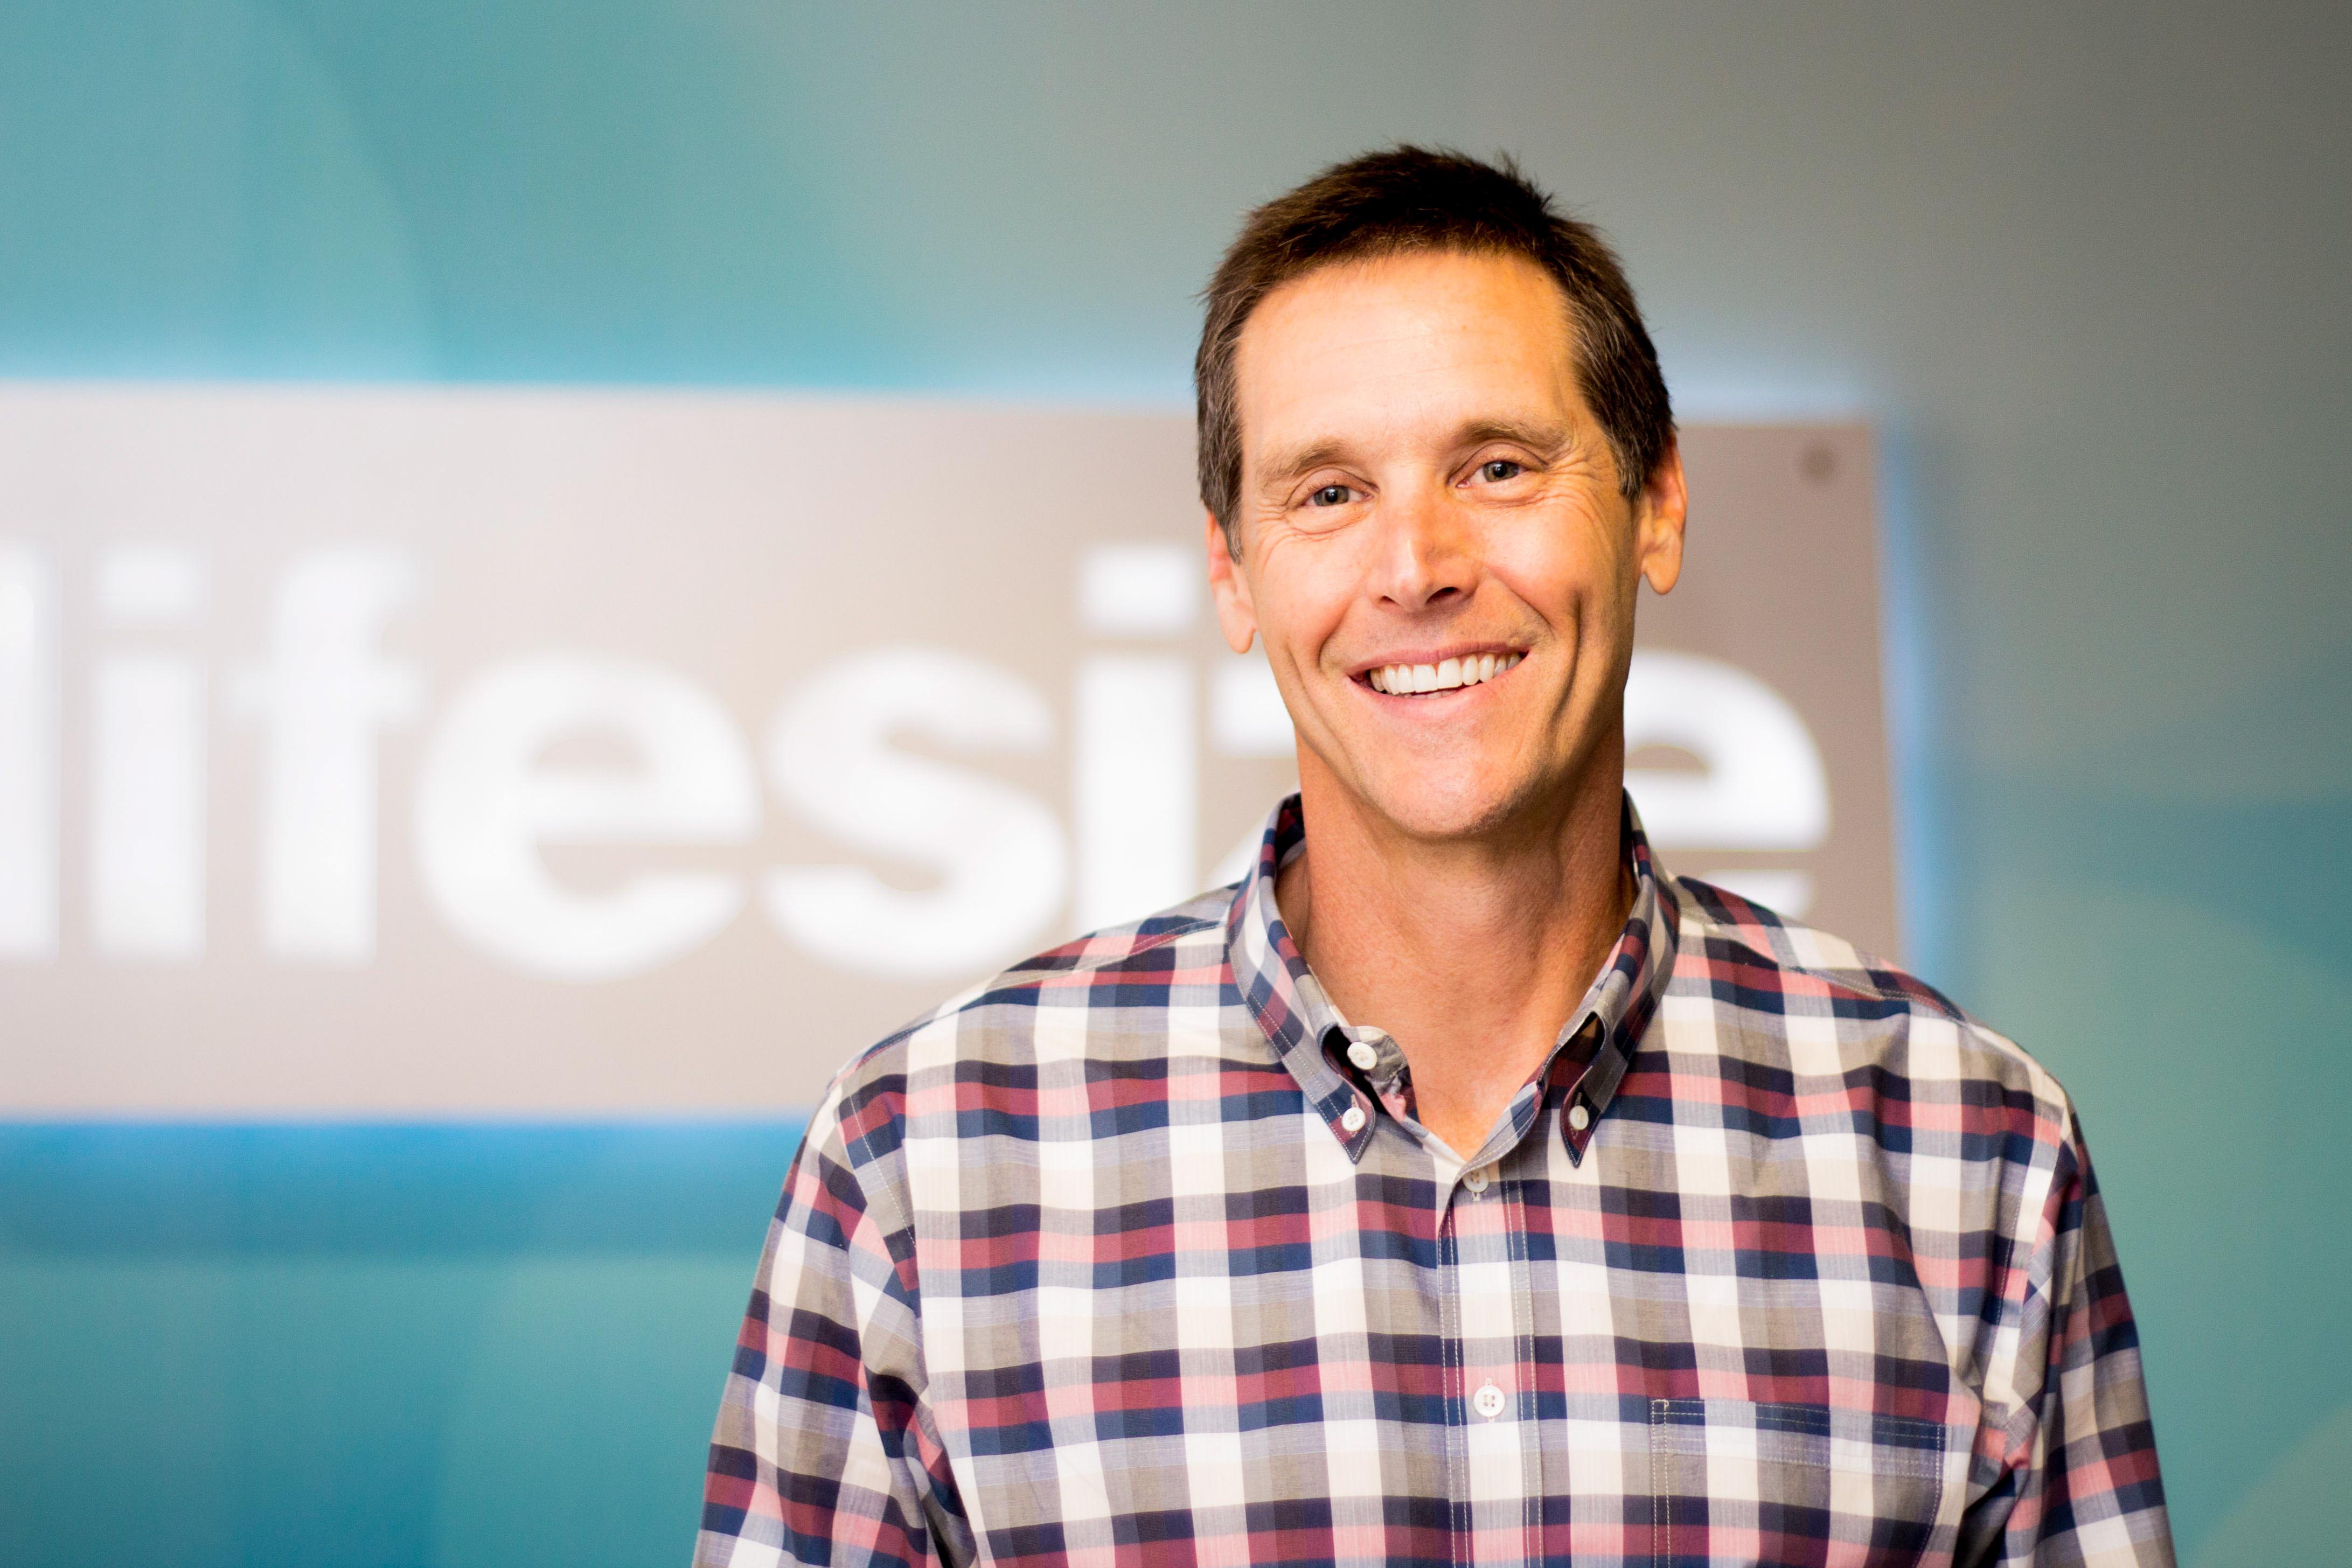 Lifesize CEO Craig Malloy